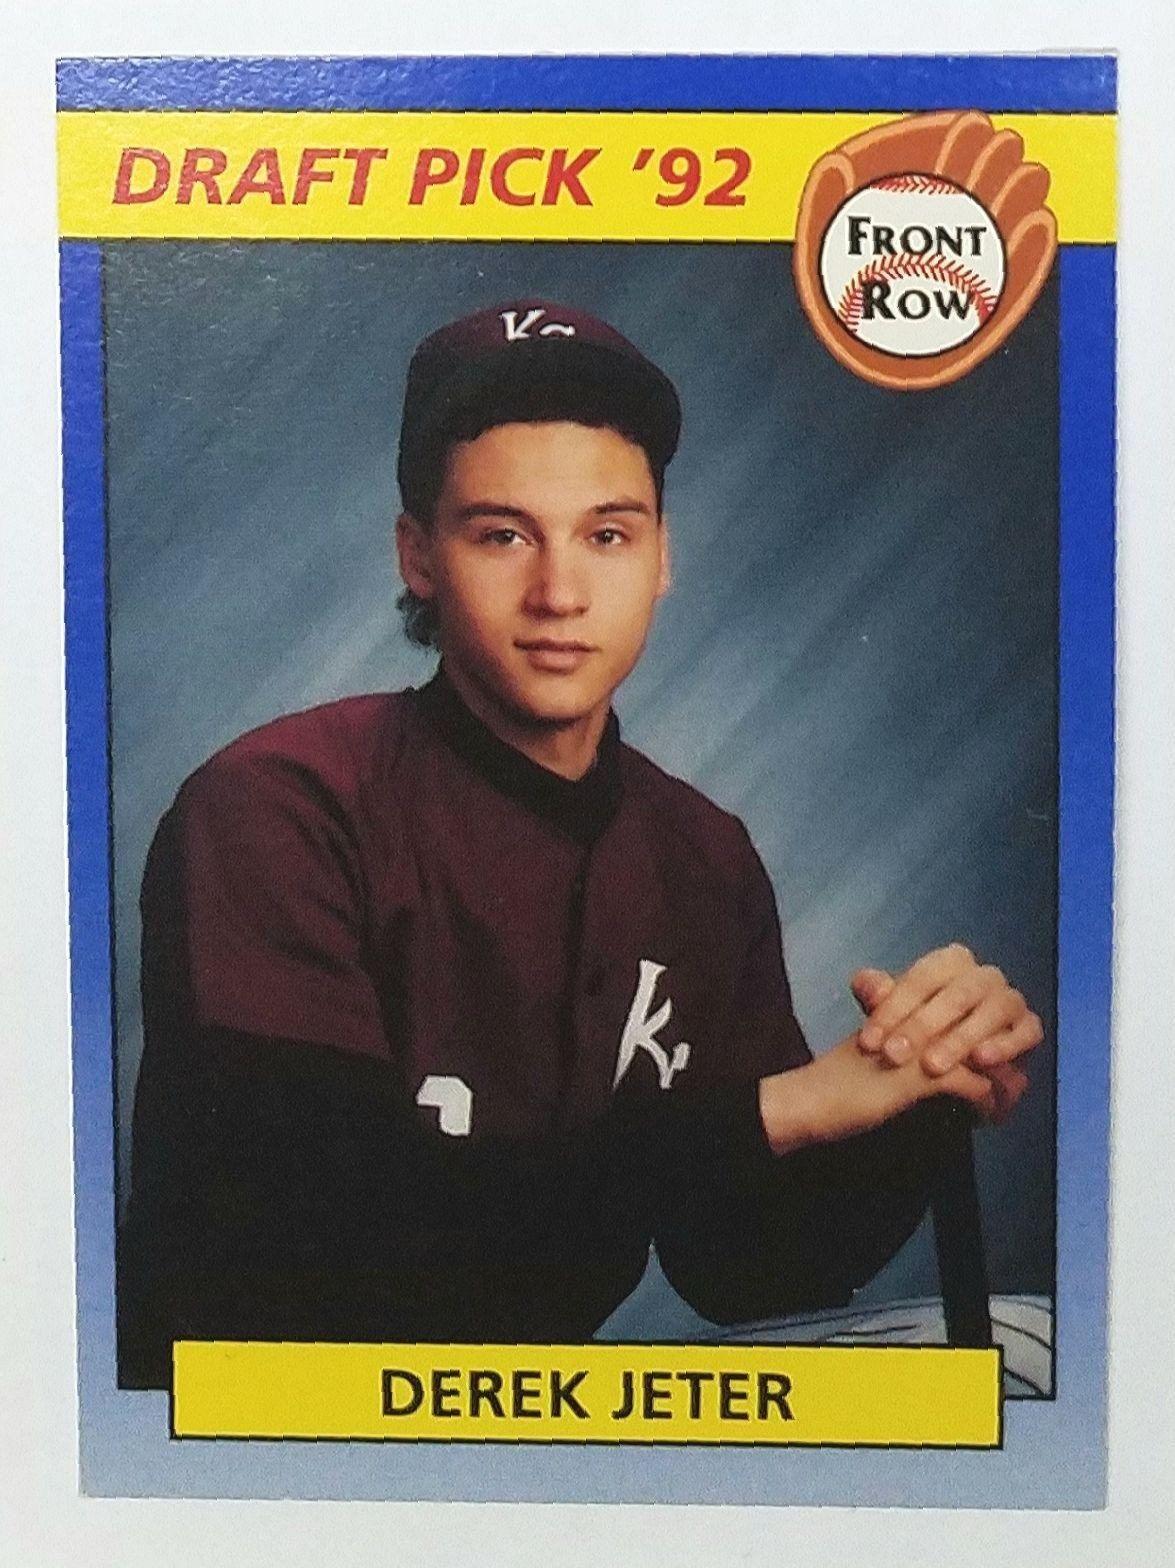 Derek Jeter Rookie Card 1992 Front Row 55 Draft Pick 92 Yankees Rc